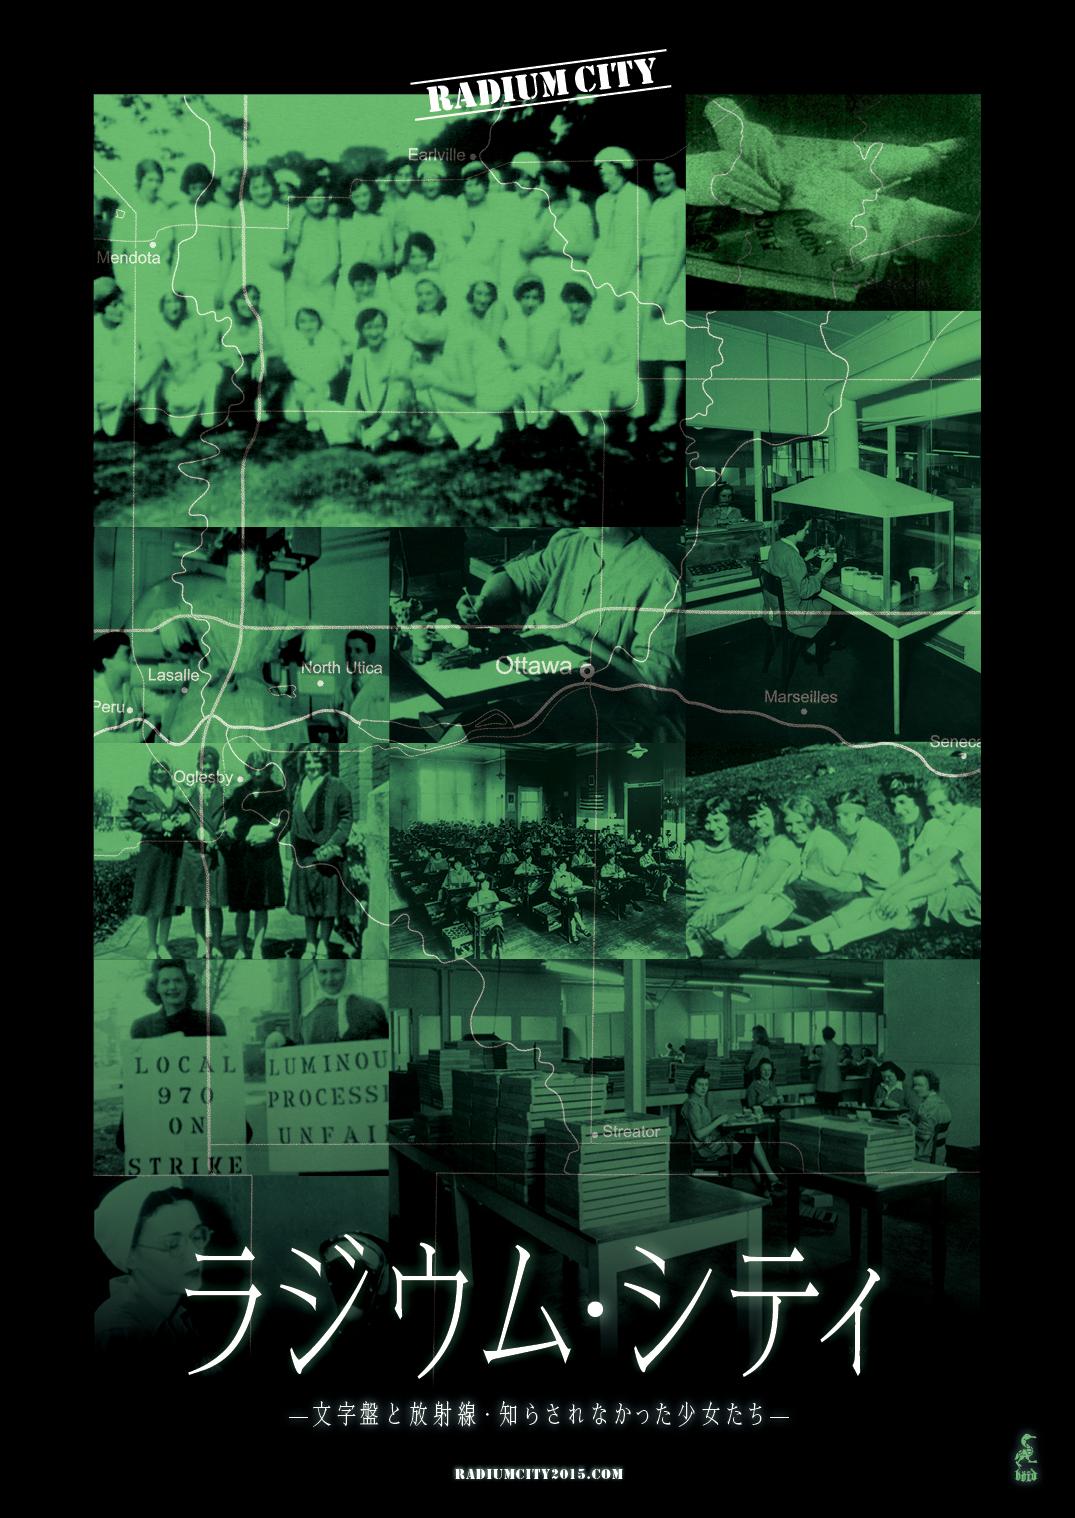 読者プレゼント:「ラジウム・シティ」小林エリカさんトーク&「アナログばか一代」